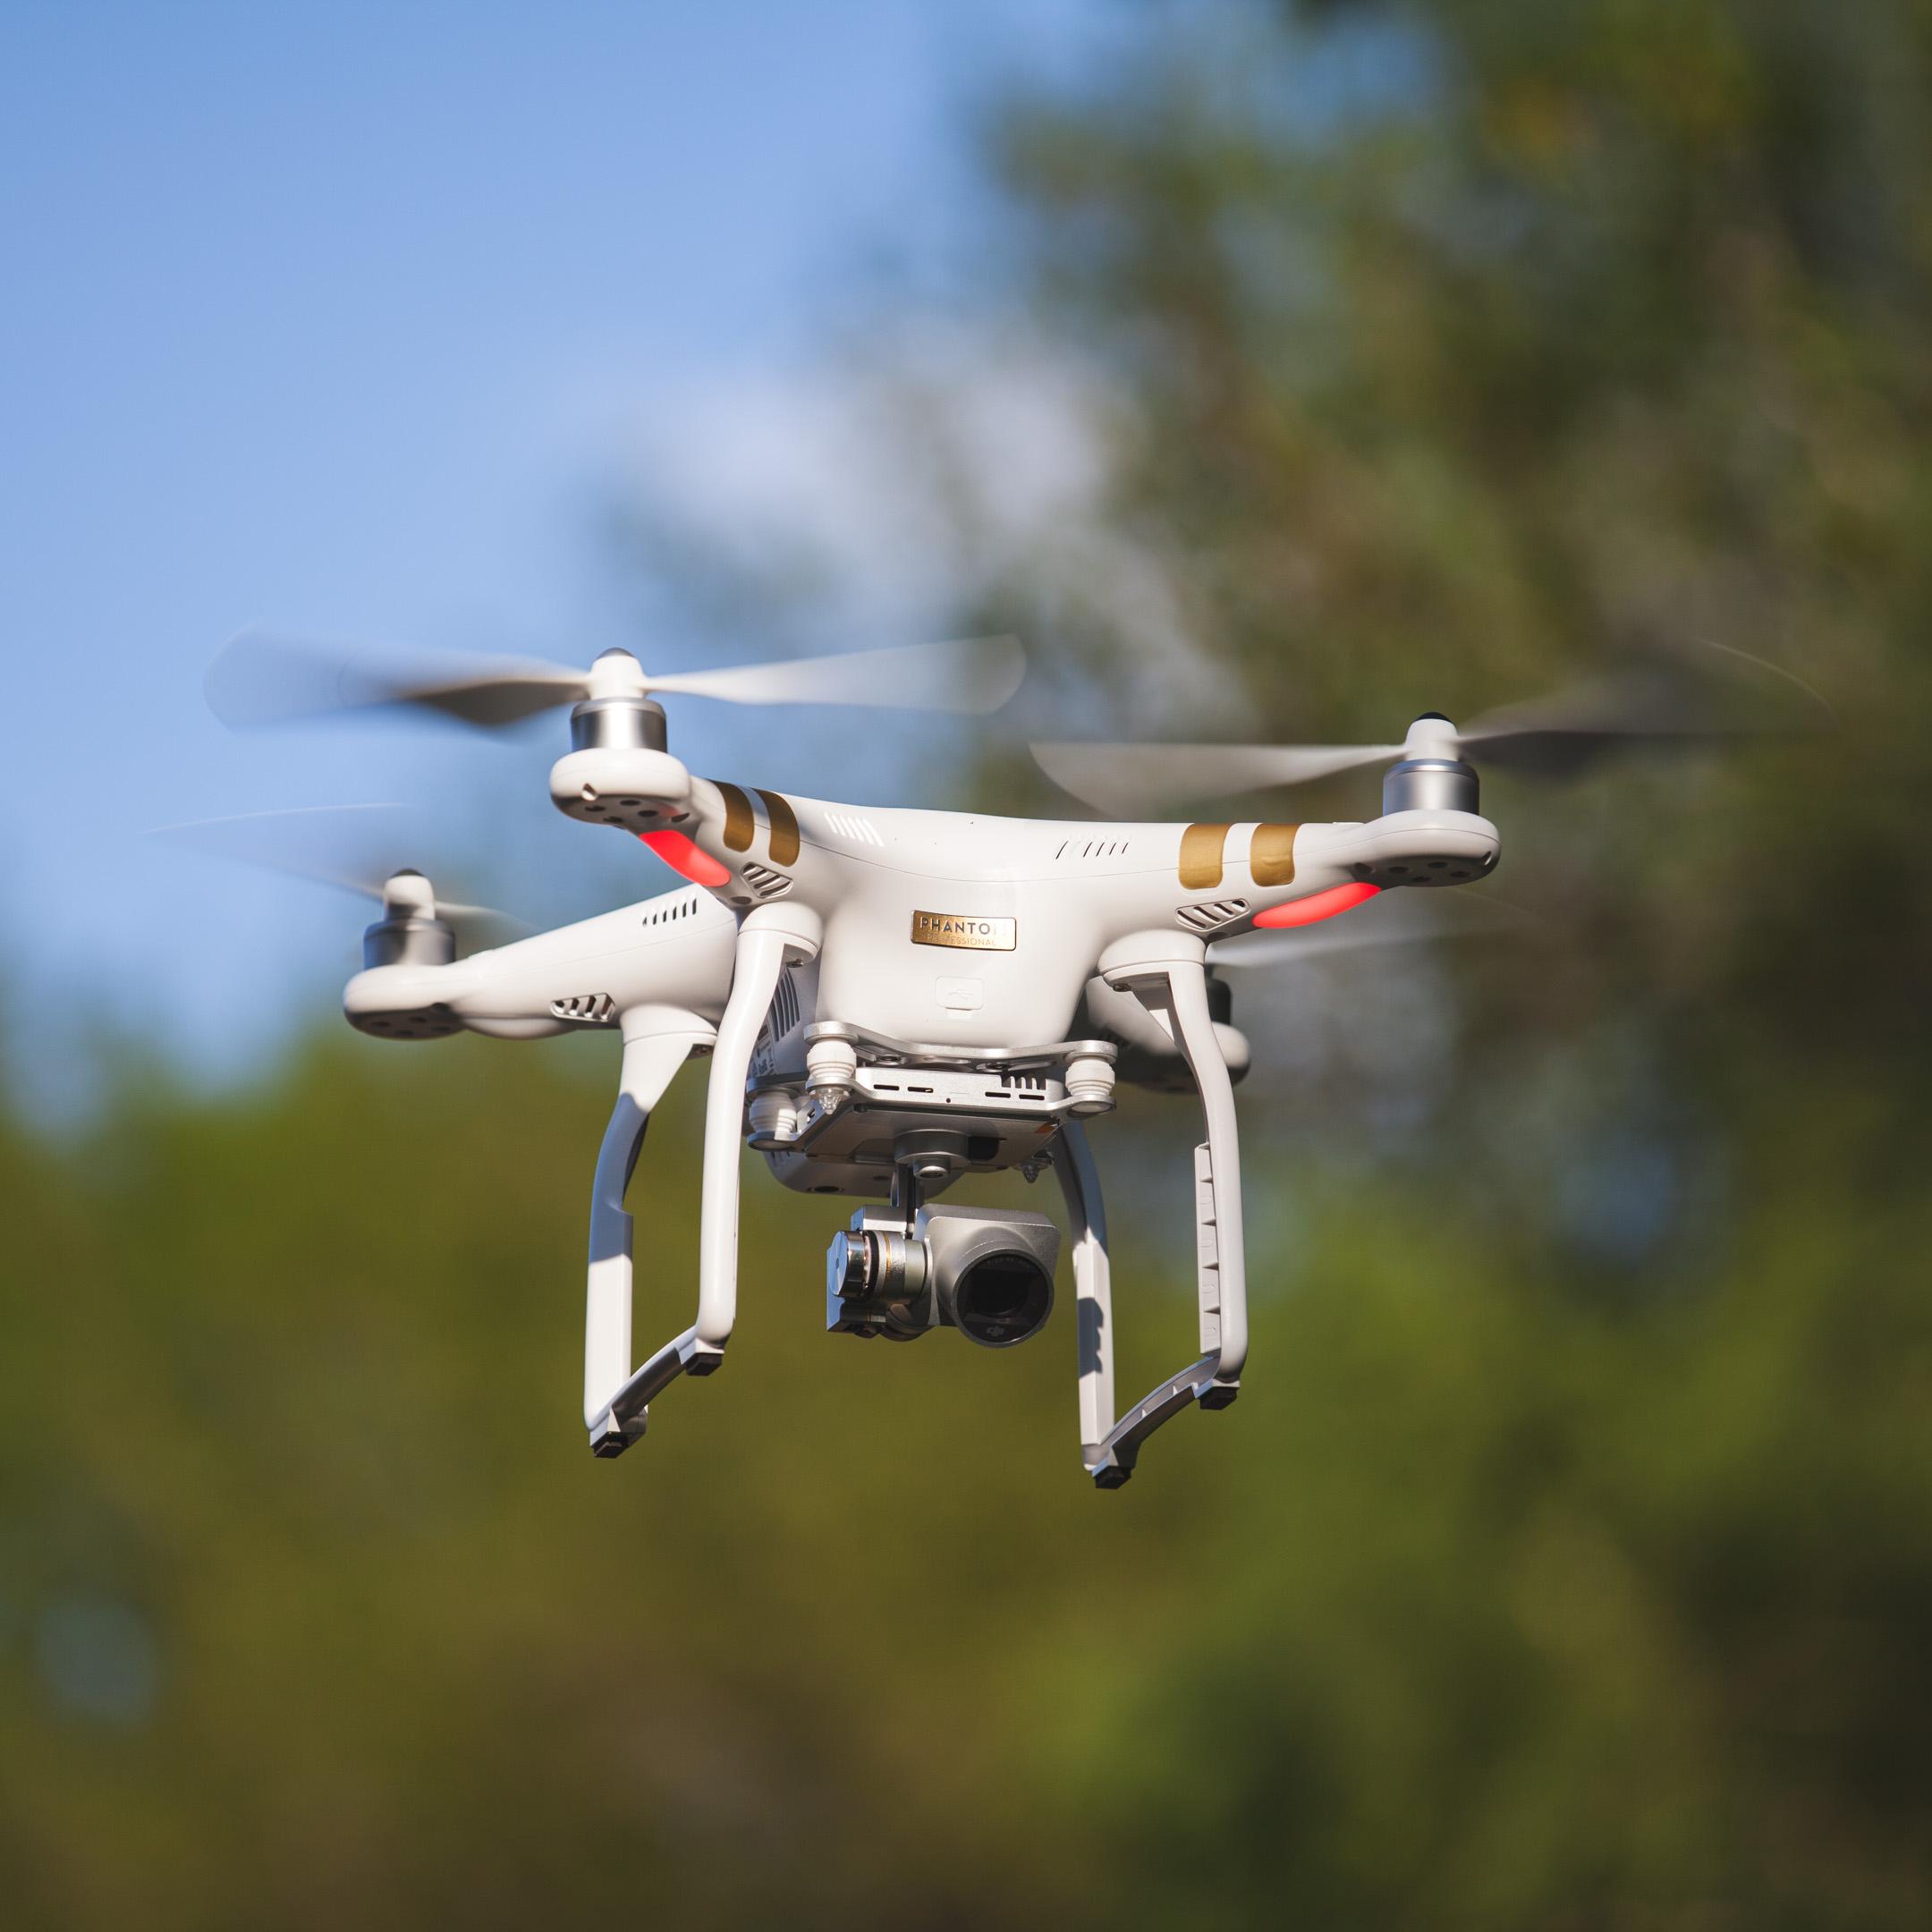 Eine Drohne mieten